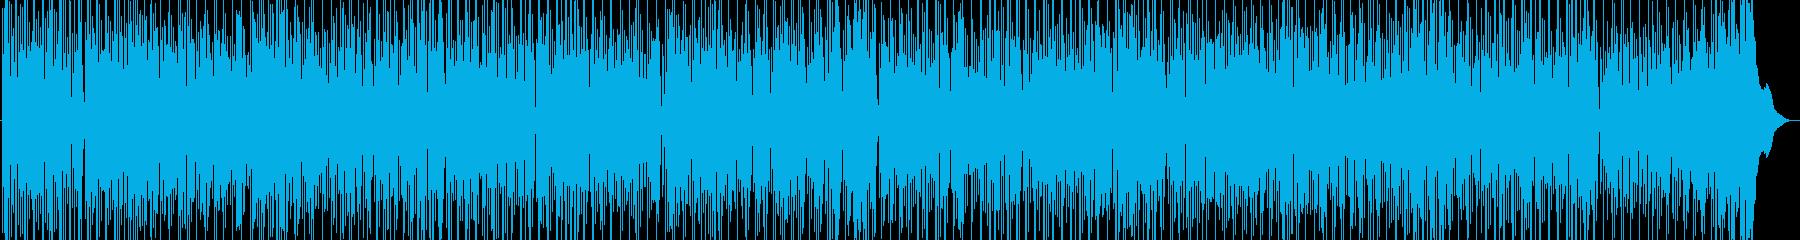 心からのハッピー感を感じるスカビートの再生済みの波形